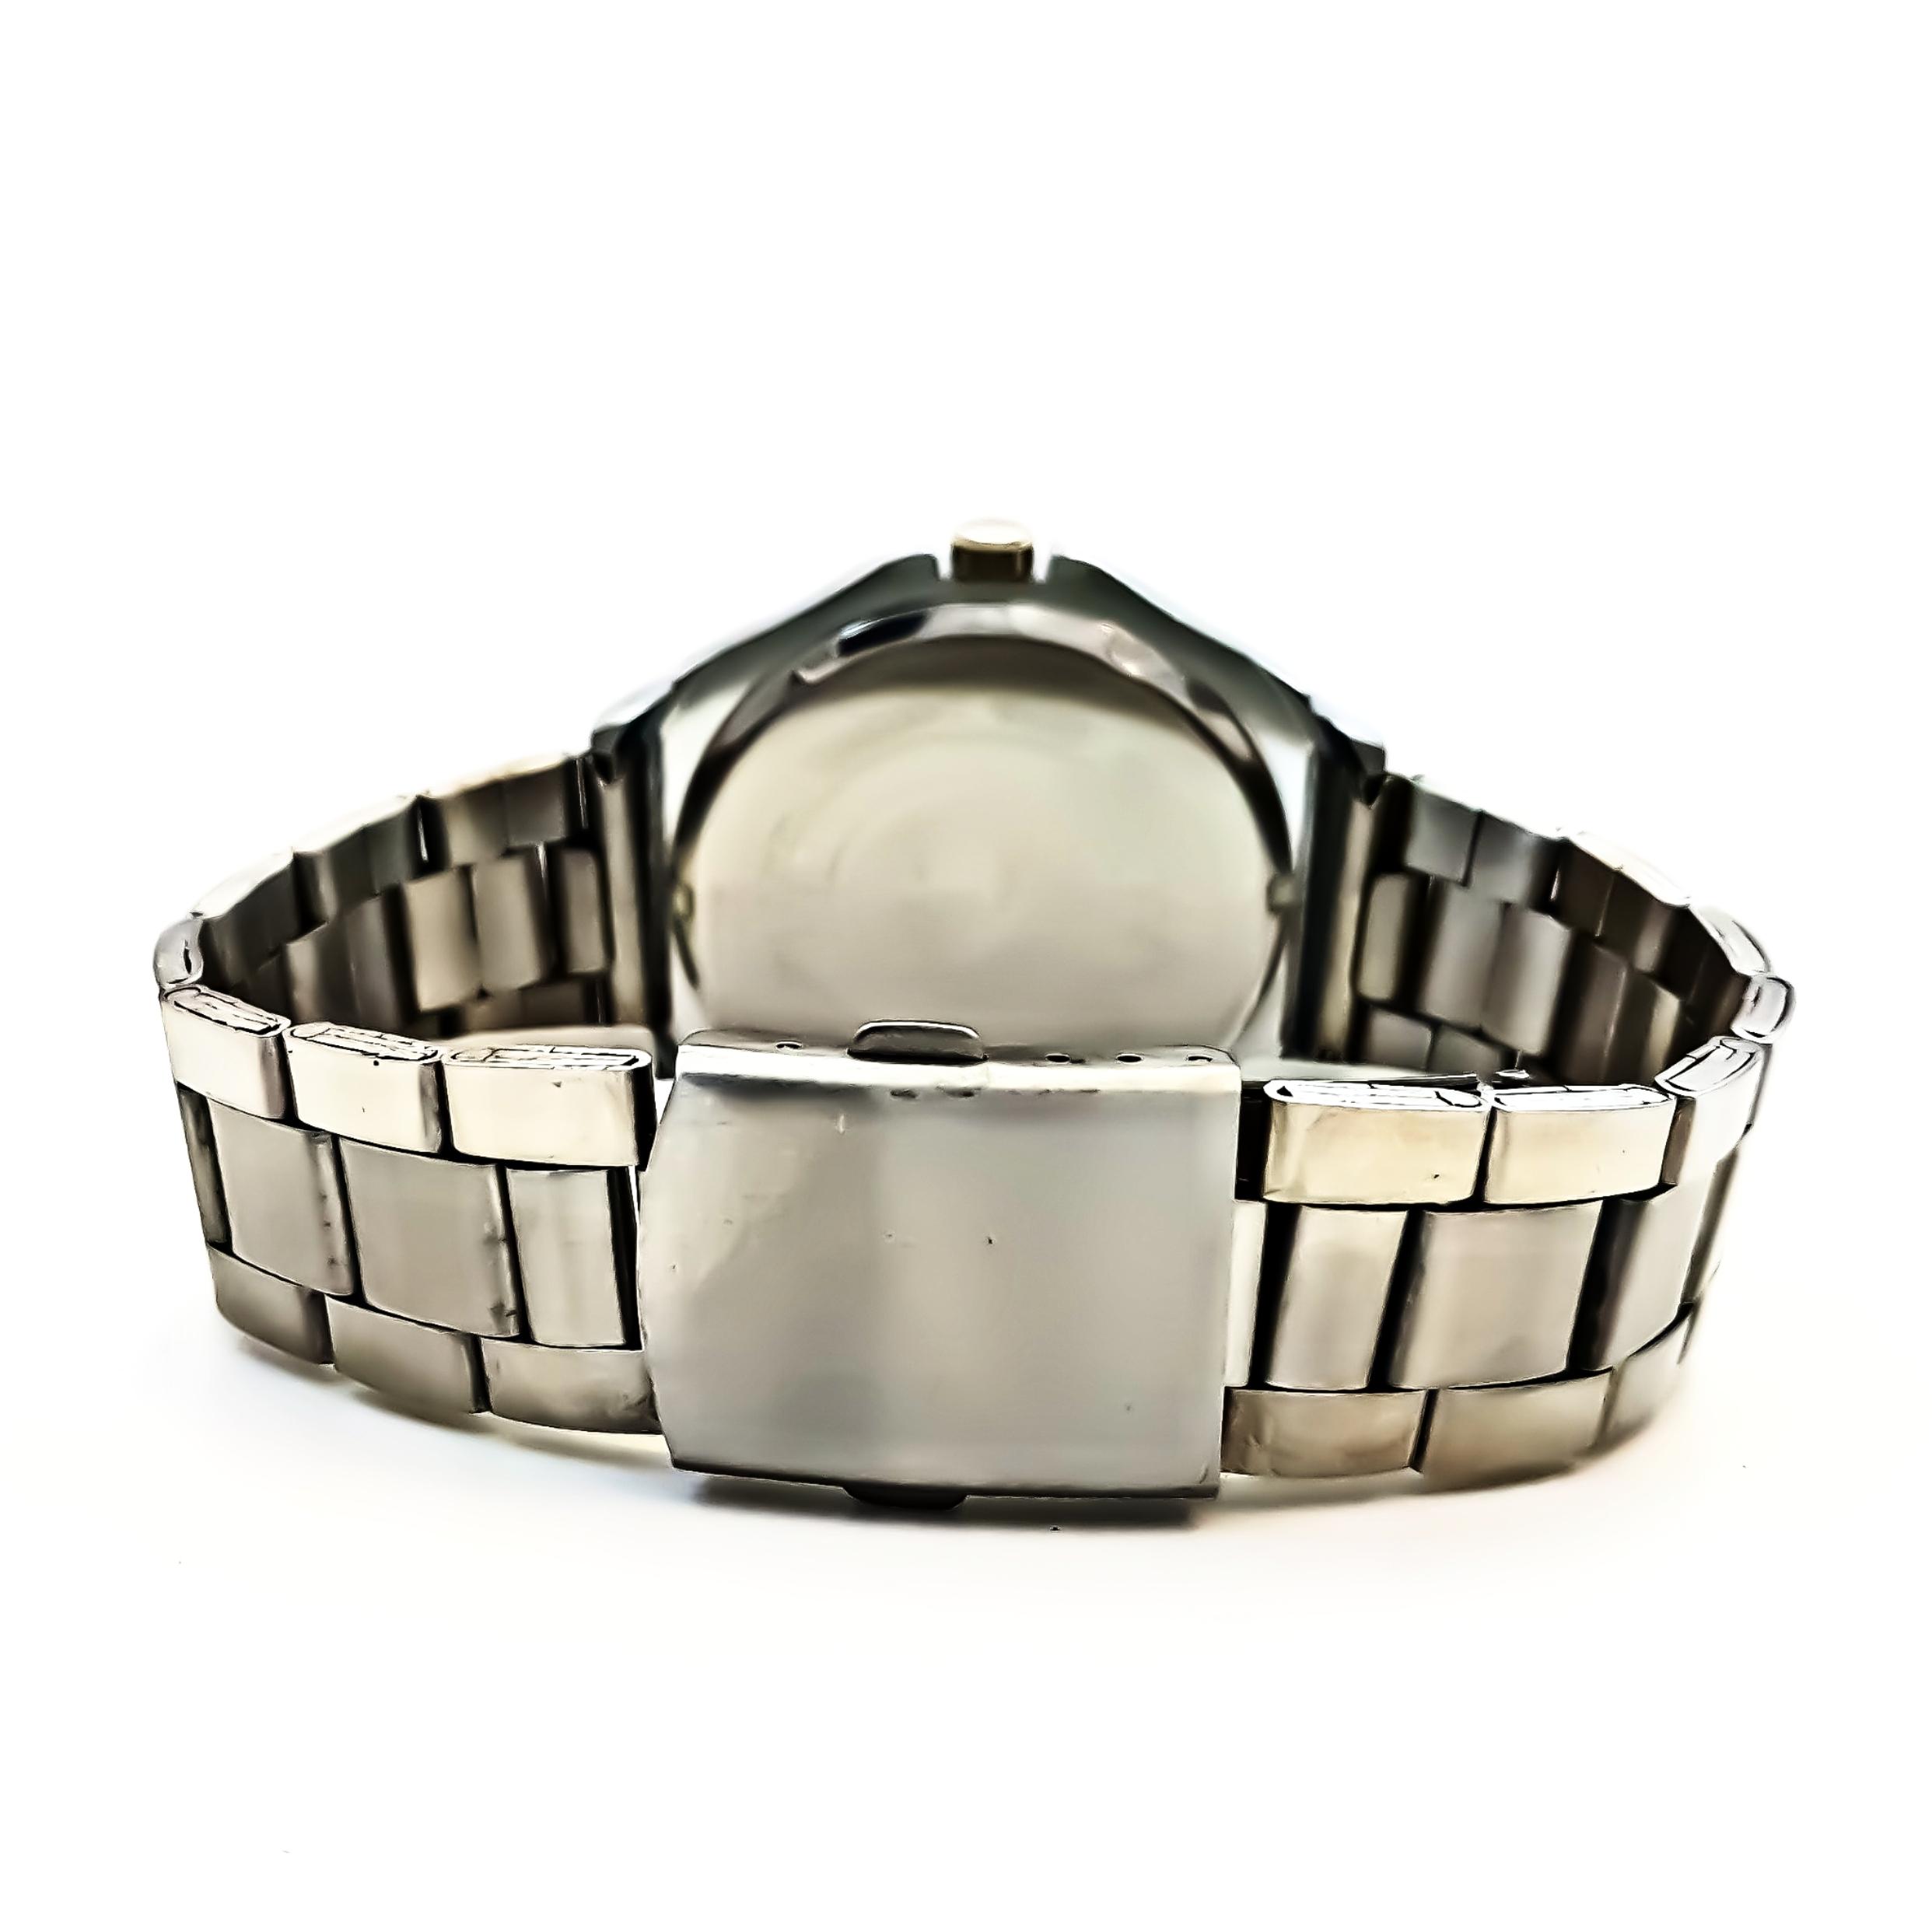 ساعت مچی عقربهای مردانه ریپ کورل مدل VS5467